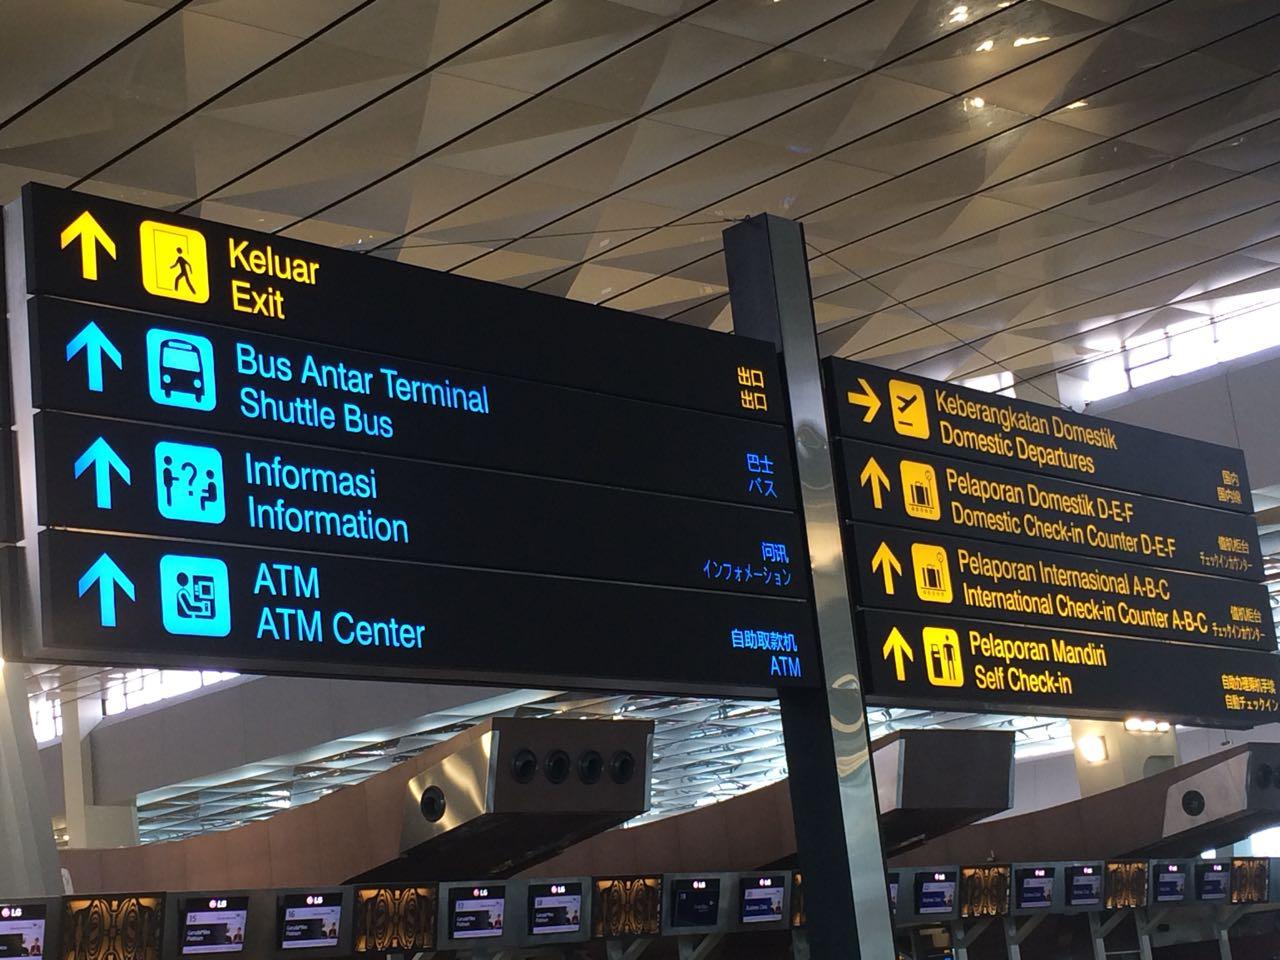 https: img-k.okeinfo.net content 2018 12 31 406 1998400 kejutan-seru-untuk-penumpang-rayakan-malam-tahun-baru-di-bandara-soekarno-hatta-G0g1QGrMlL.jpg